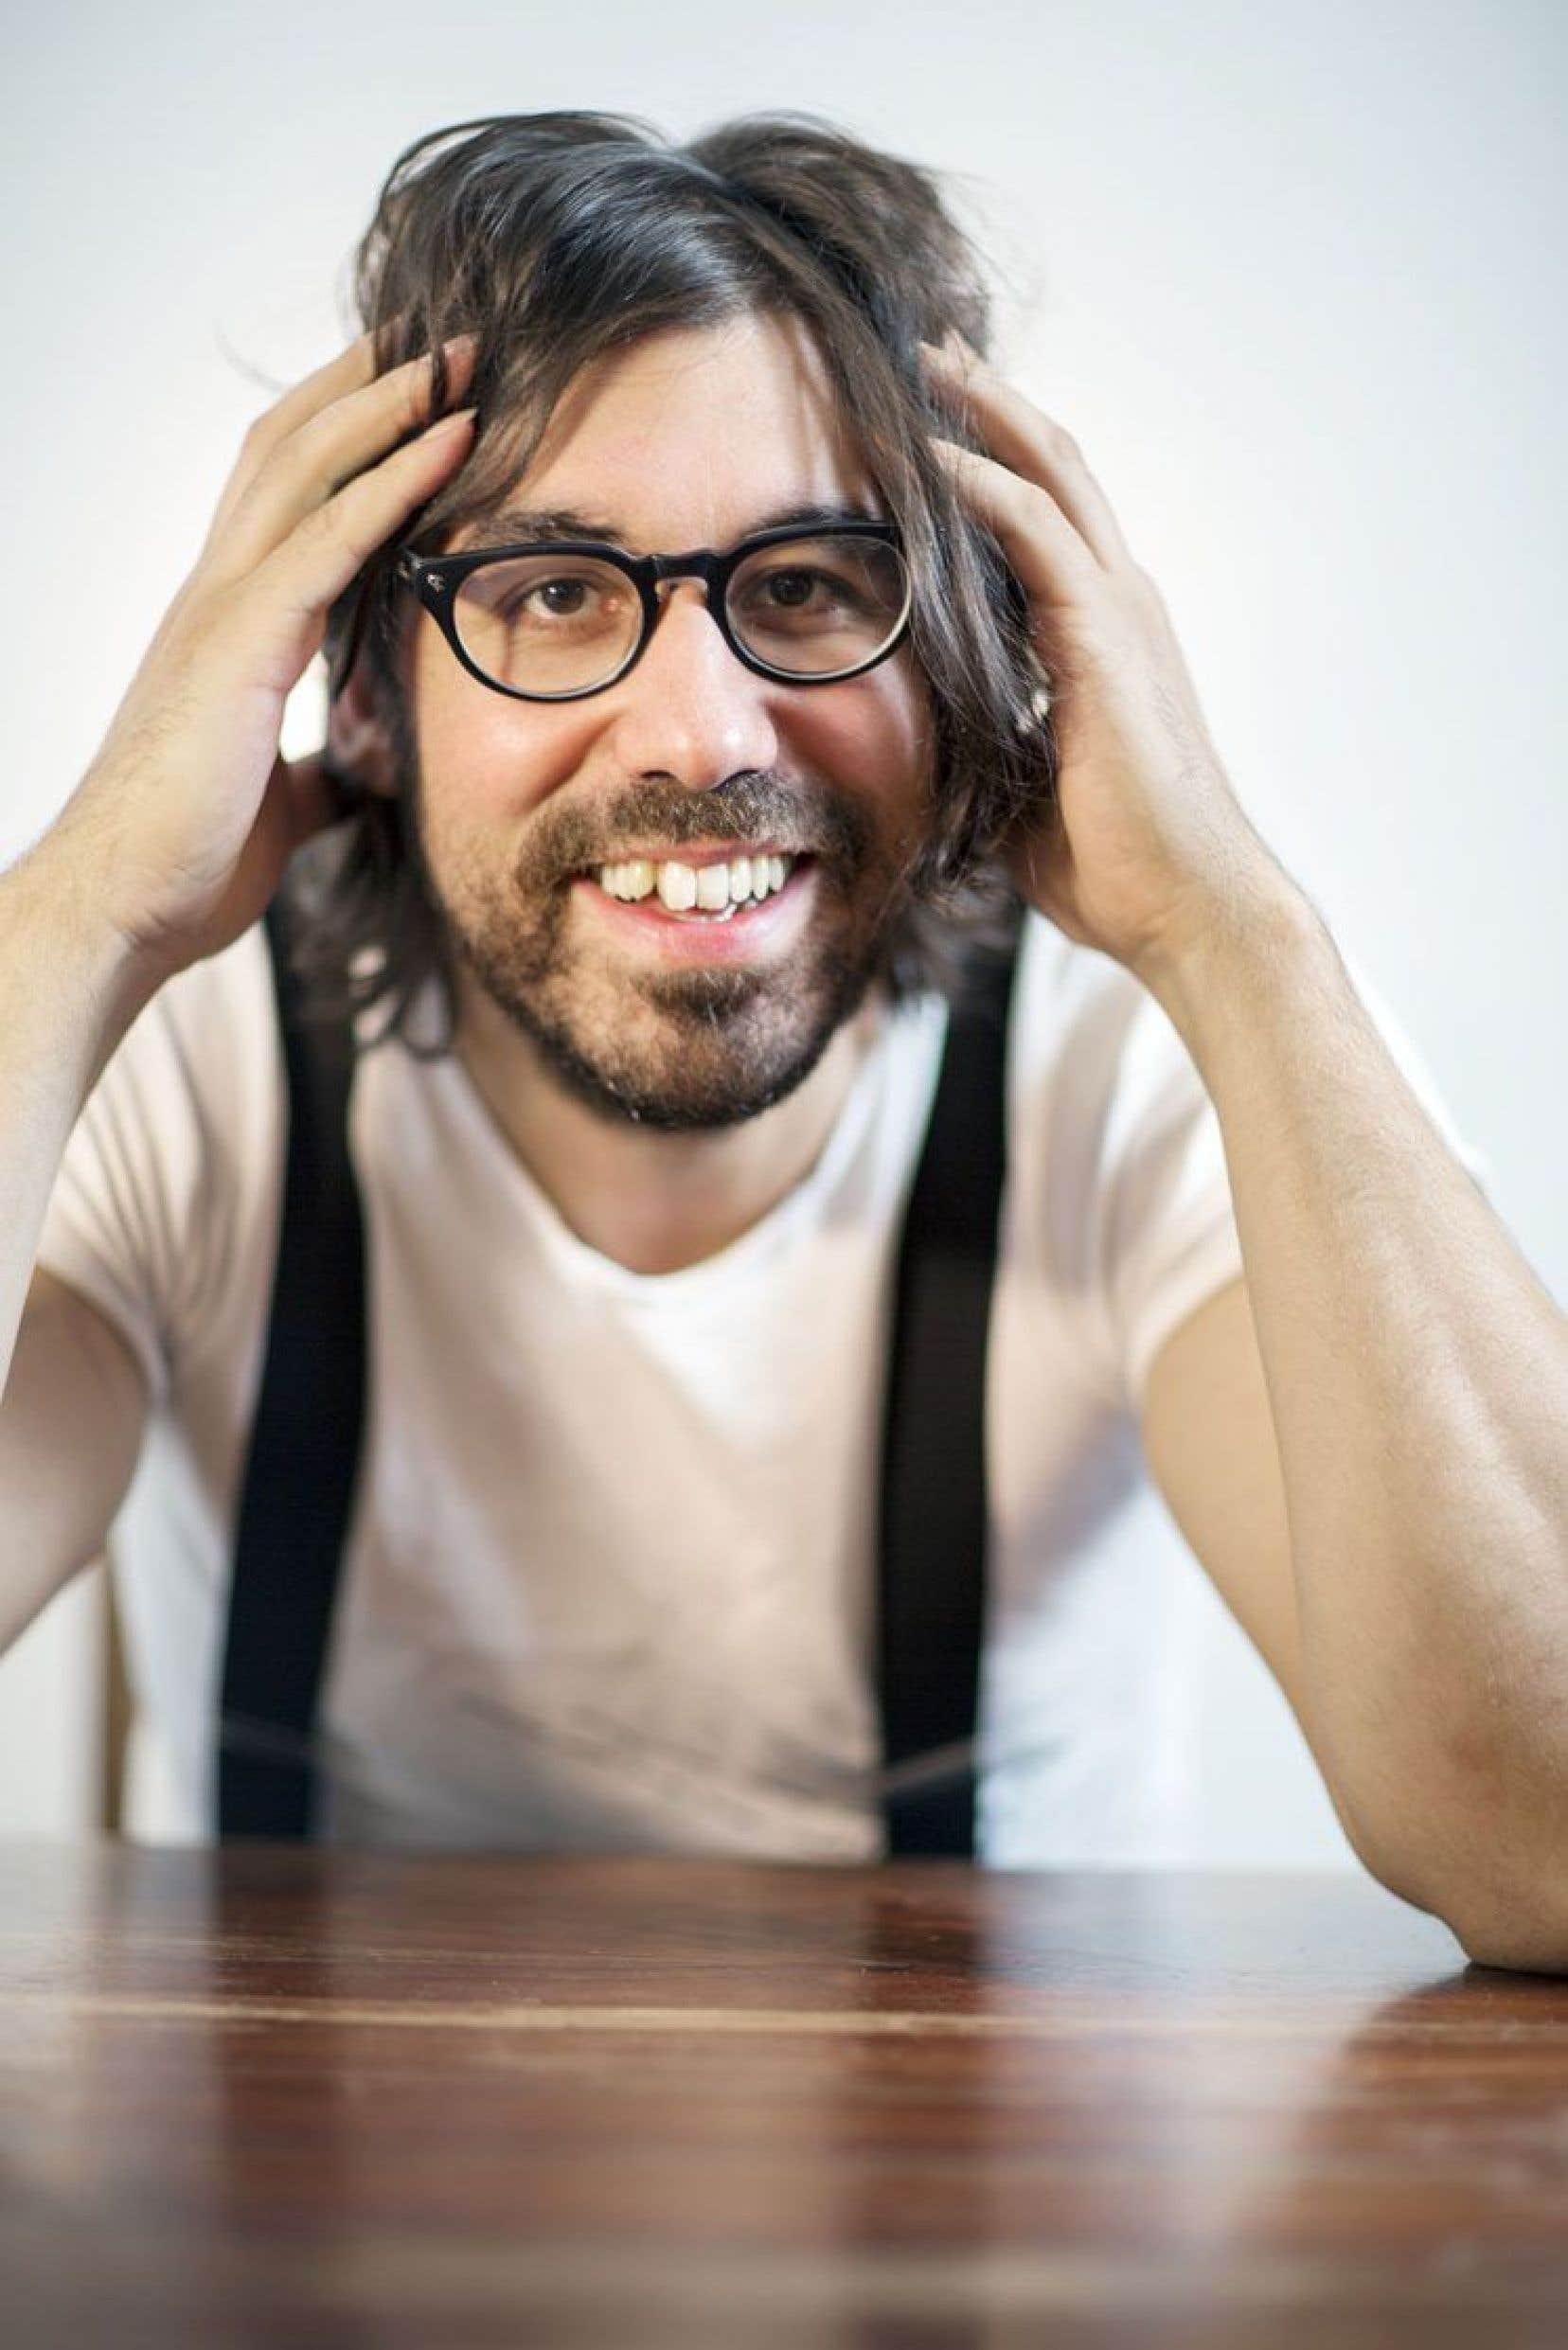 Julien Sagot livre douze nouvelles chansons denses, colorées et rythmées.